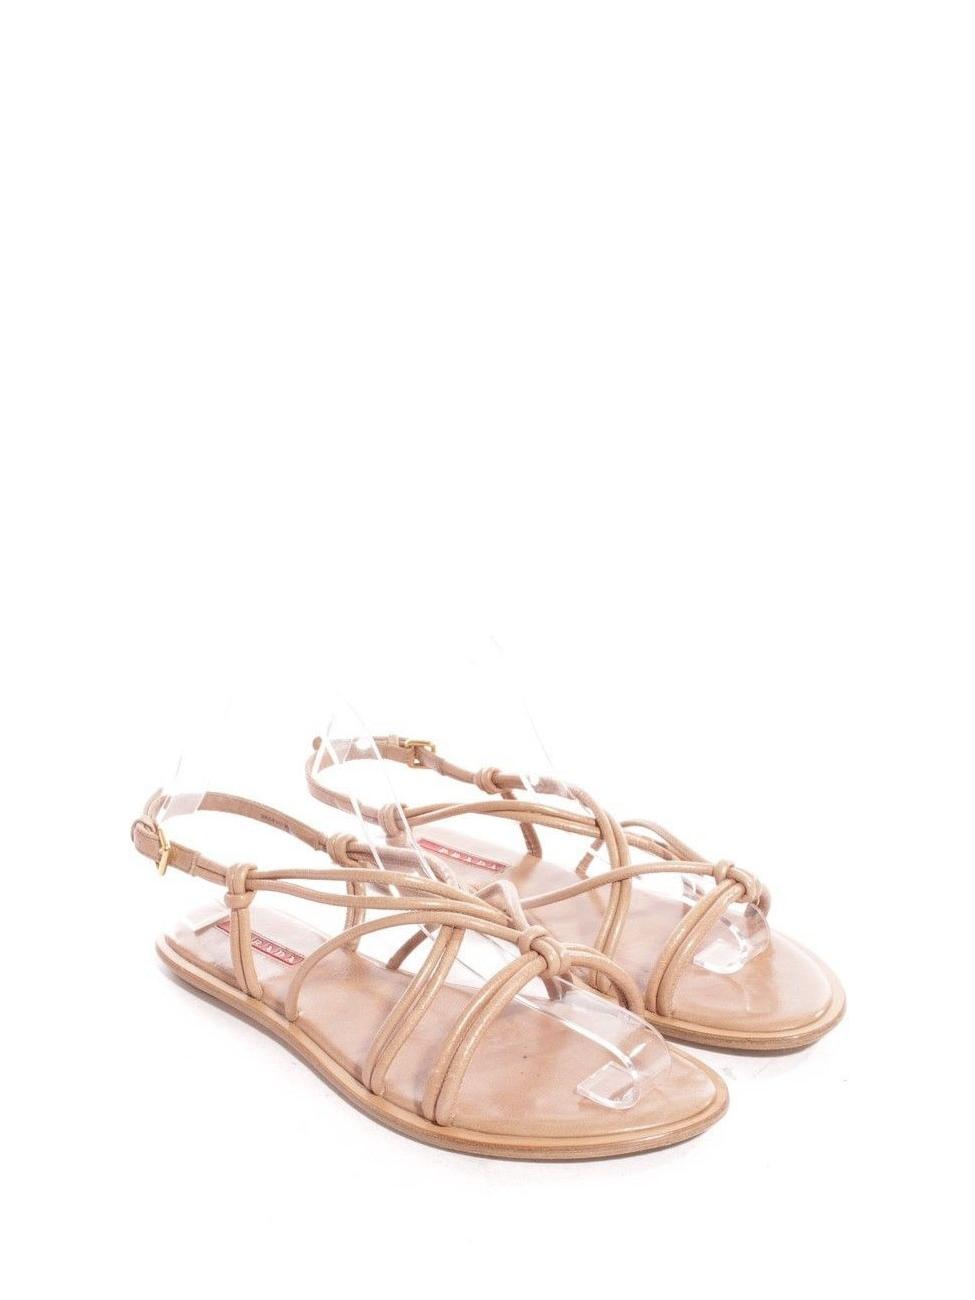 Louise Paris PRADA Sandales plates en cuir beige rosé